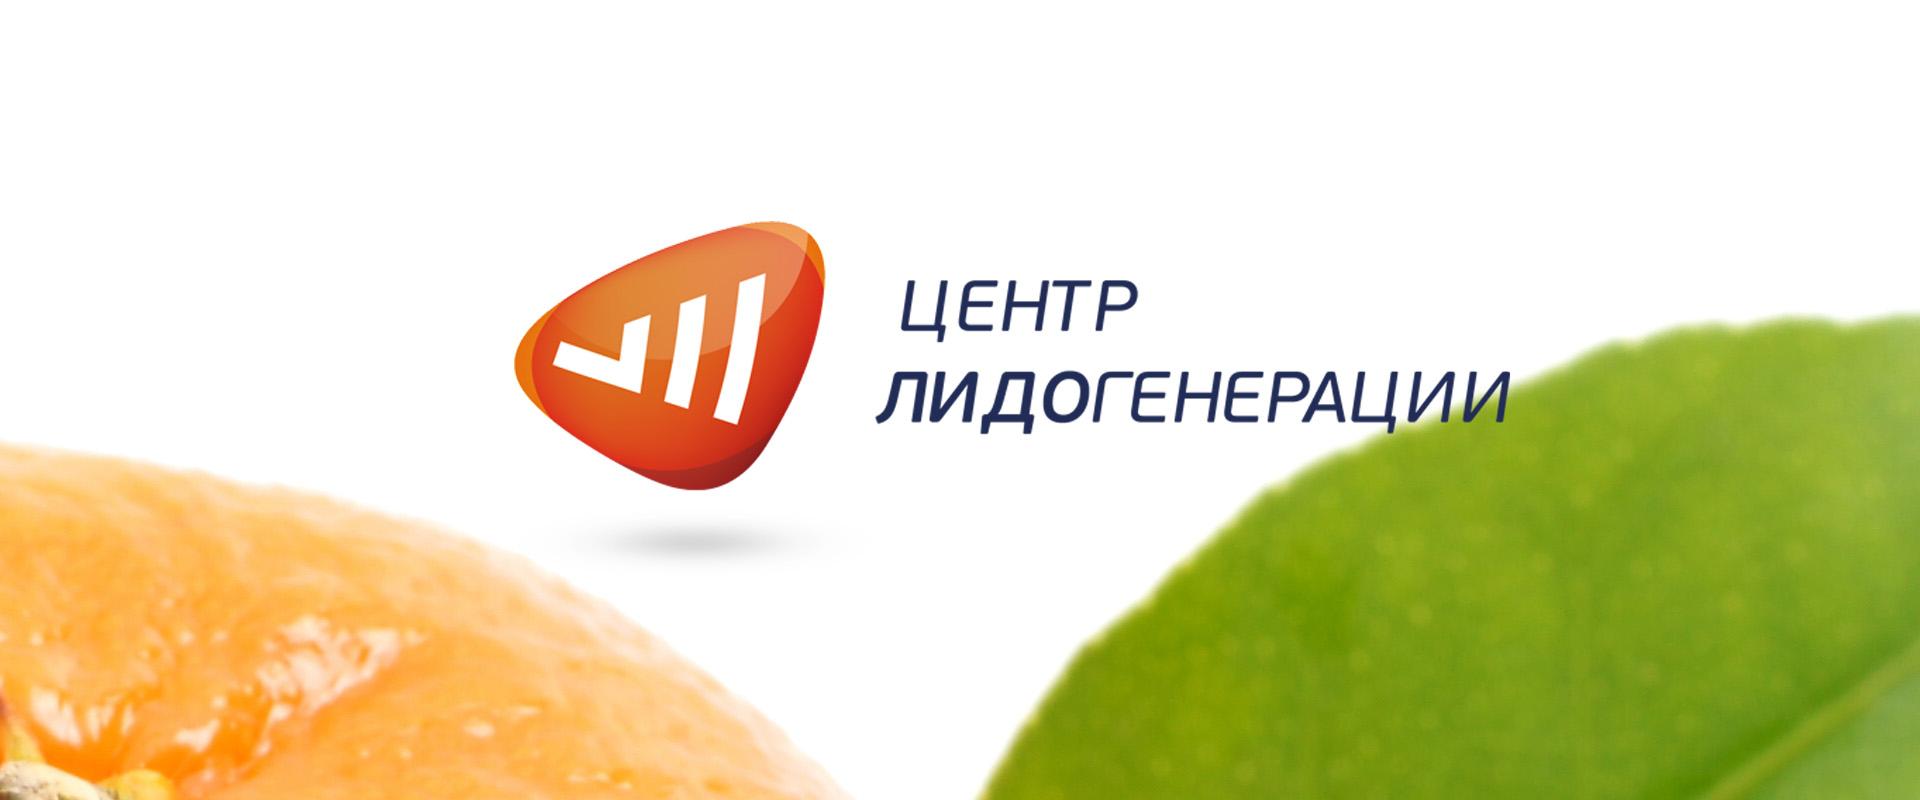 Дизайн логотипа маркетинговой компании лидогенерации